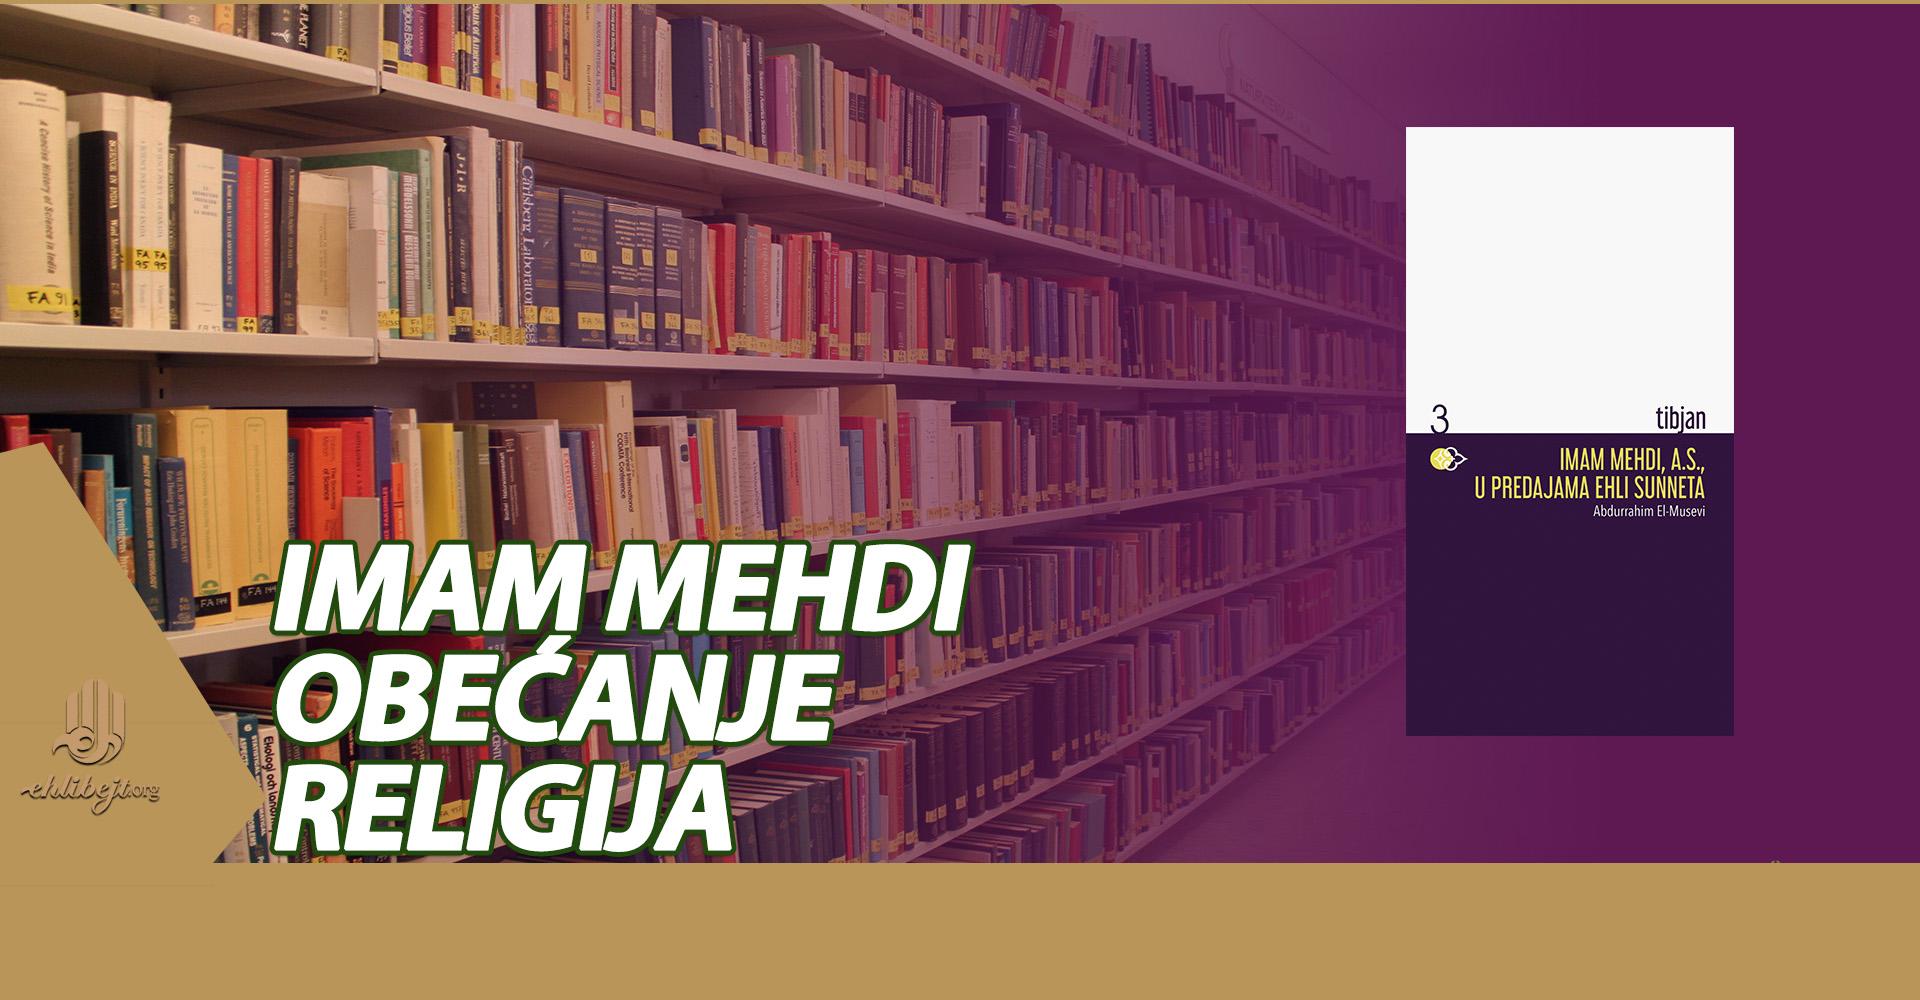 Imam Mehdi, a.s., u predajama ehli sunneta (I)